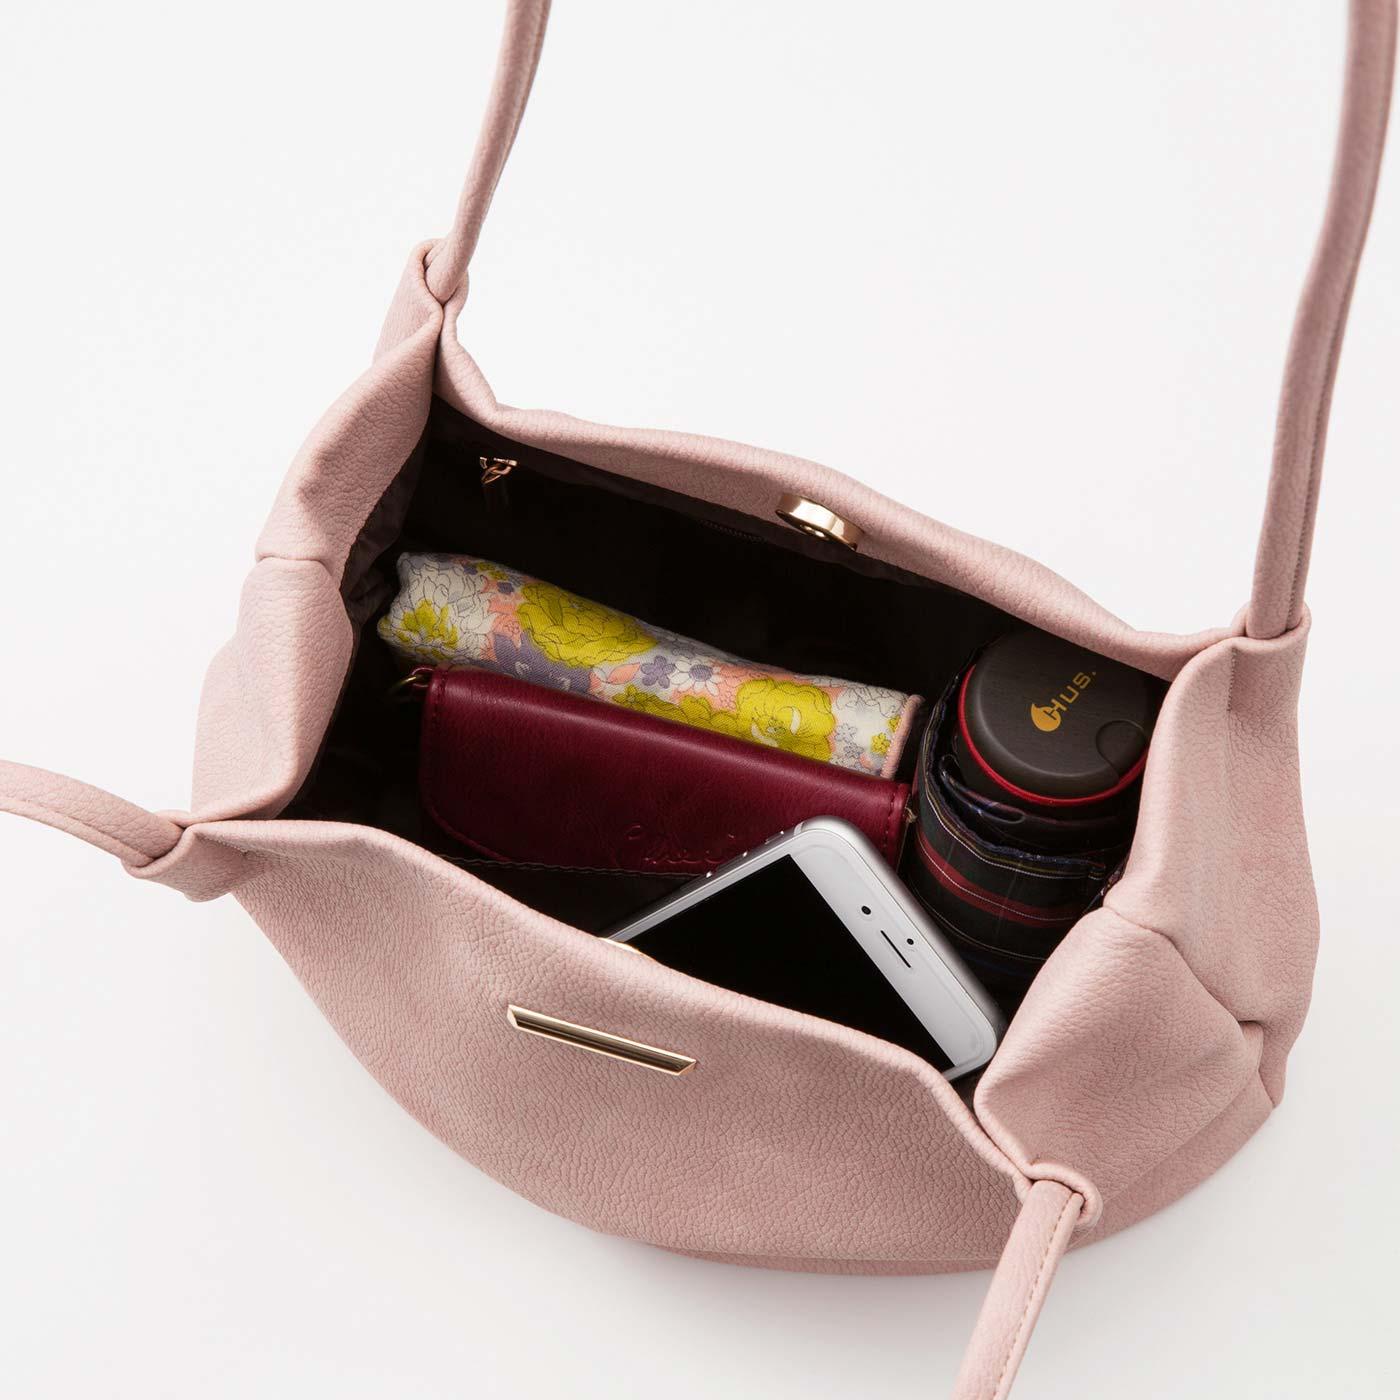 ハンカチ・スマートフォン・手帳・傘・長財布など見た目よりたくさん入ります。